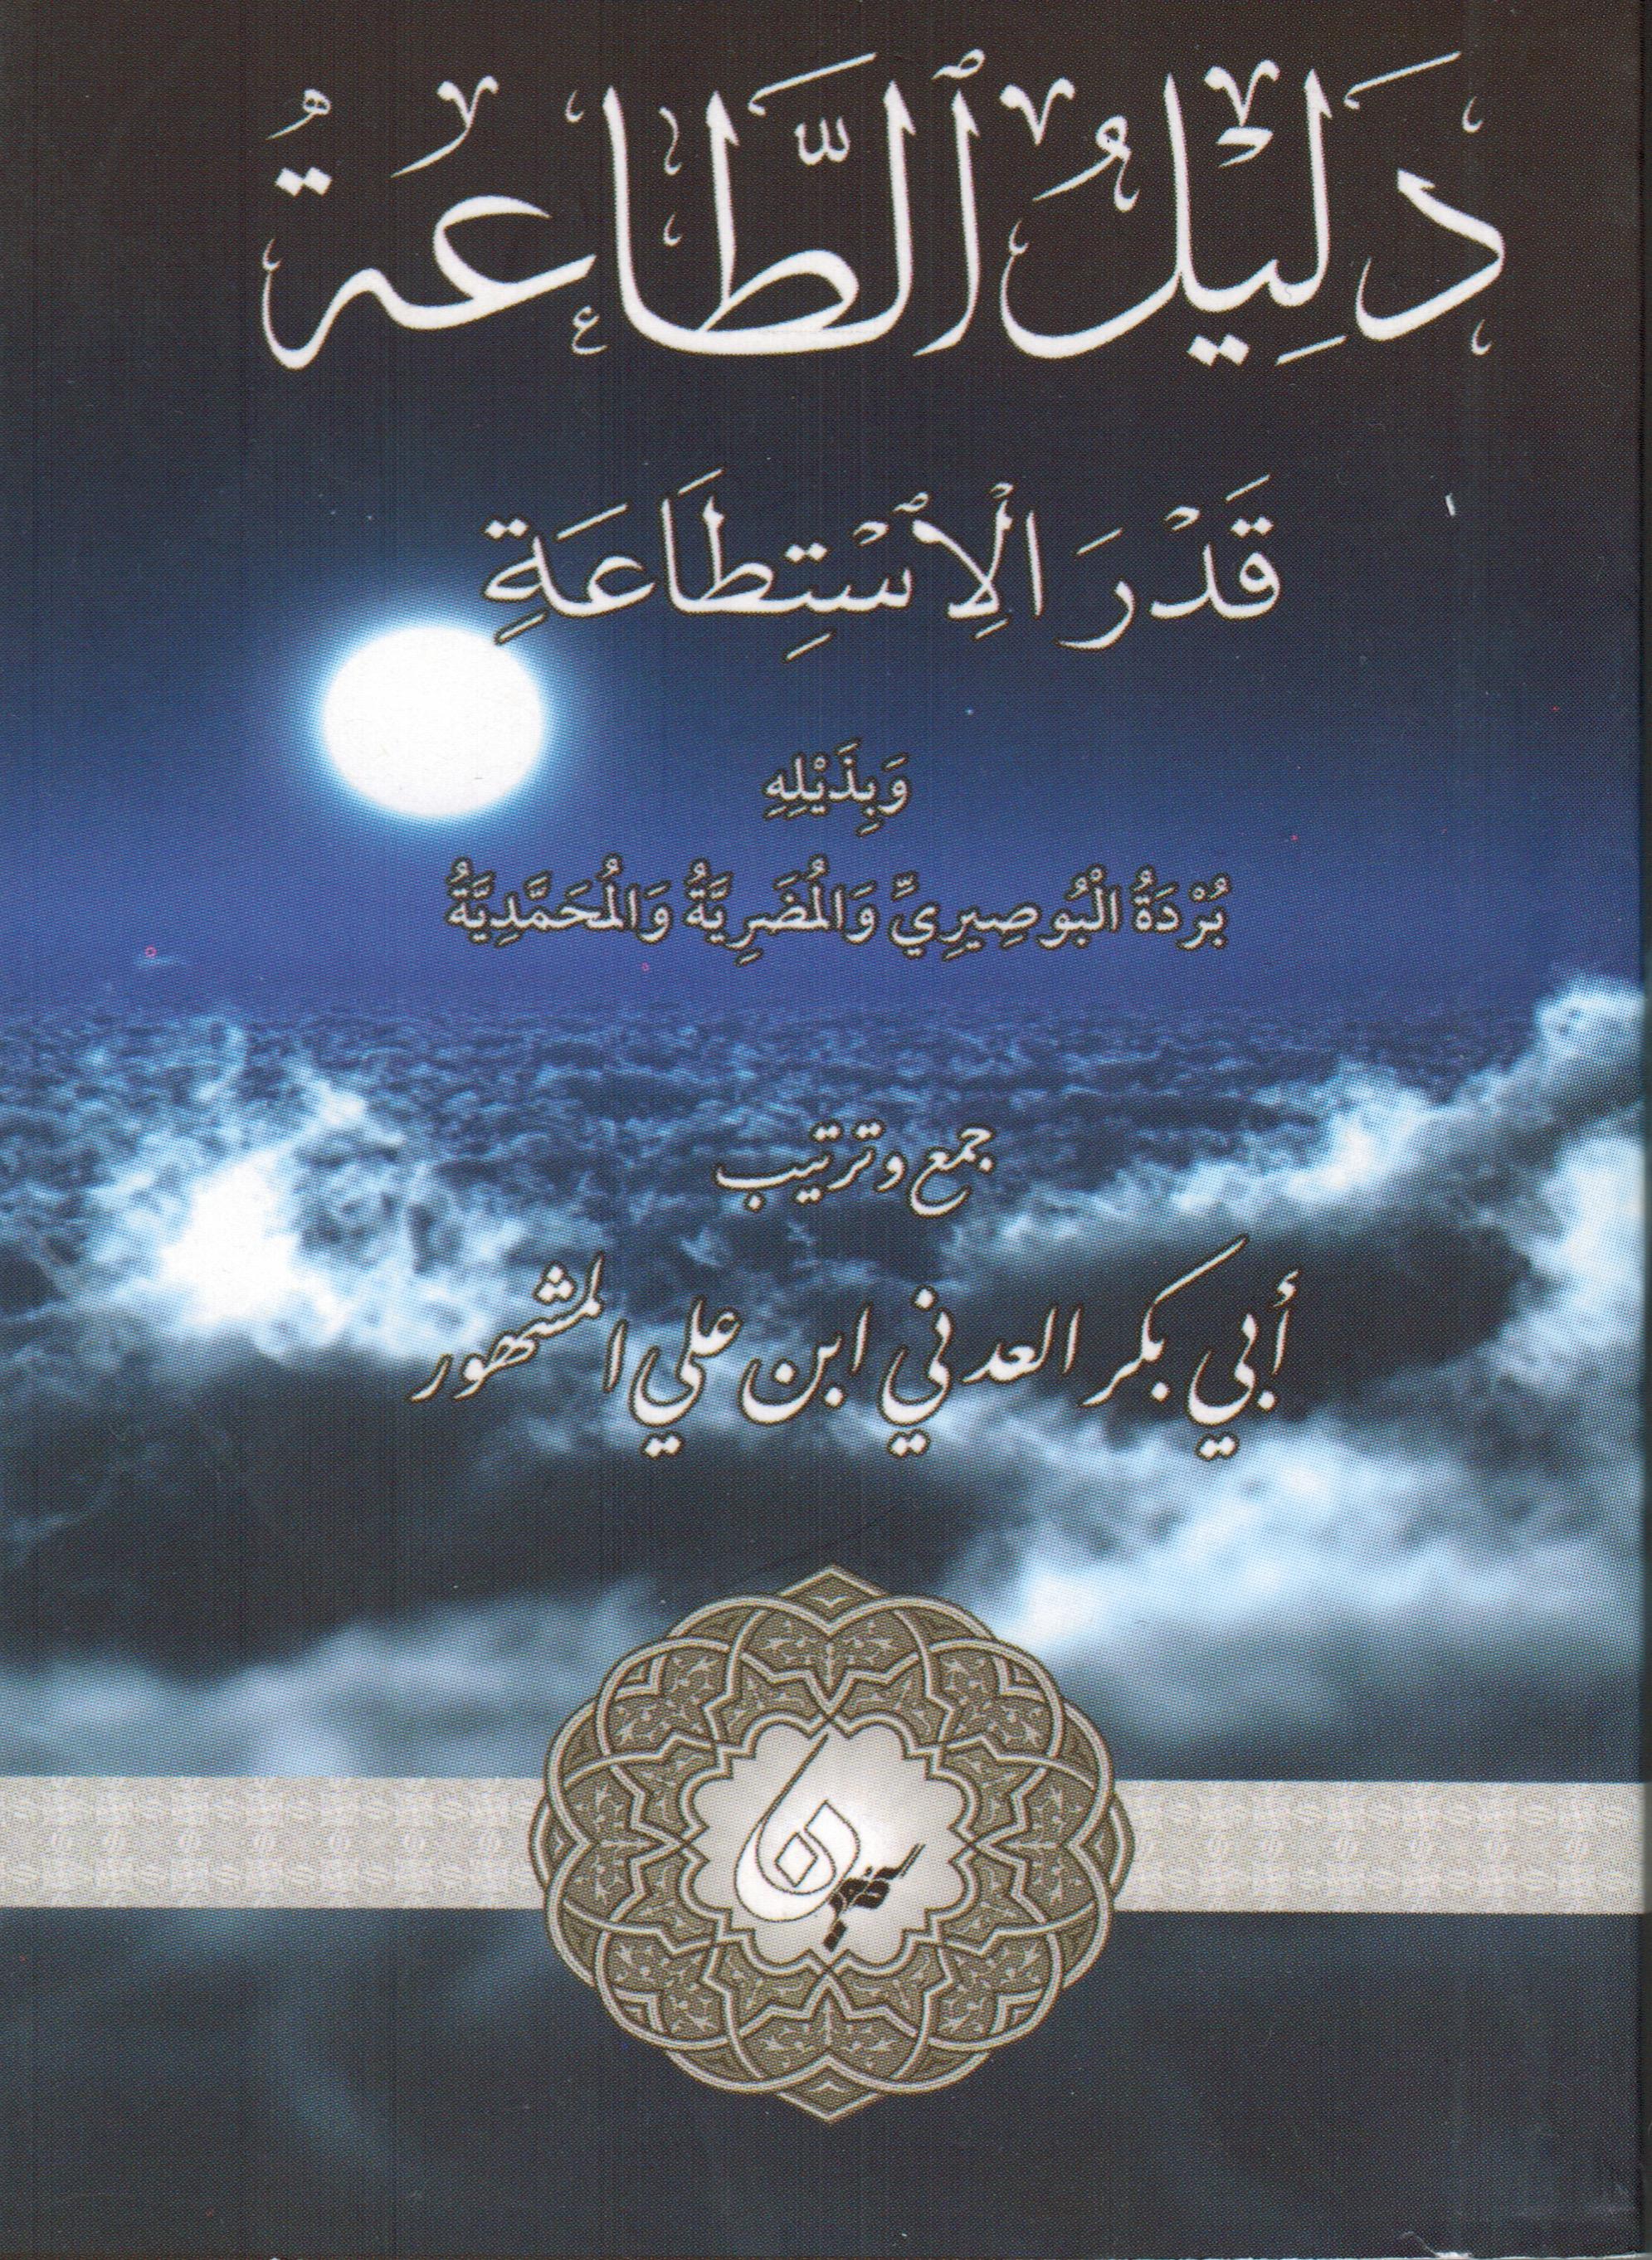 Habib Abu Bakr.jpeg